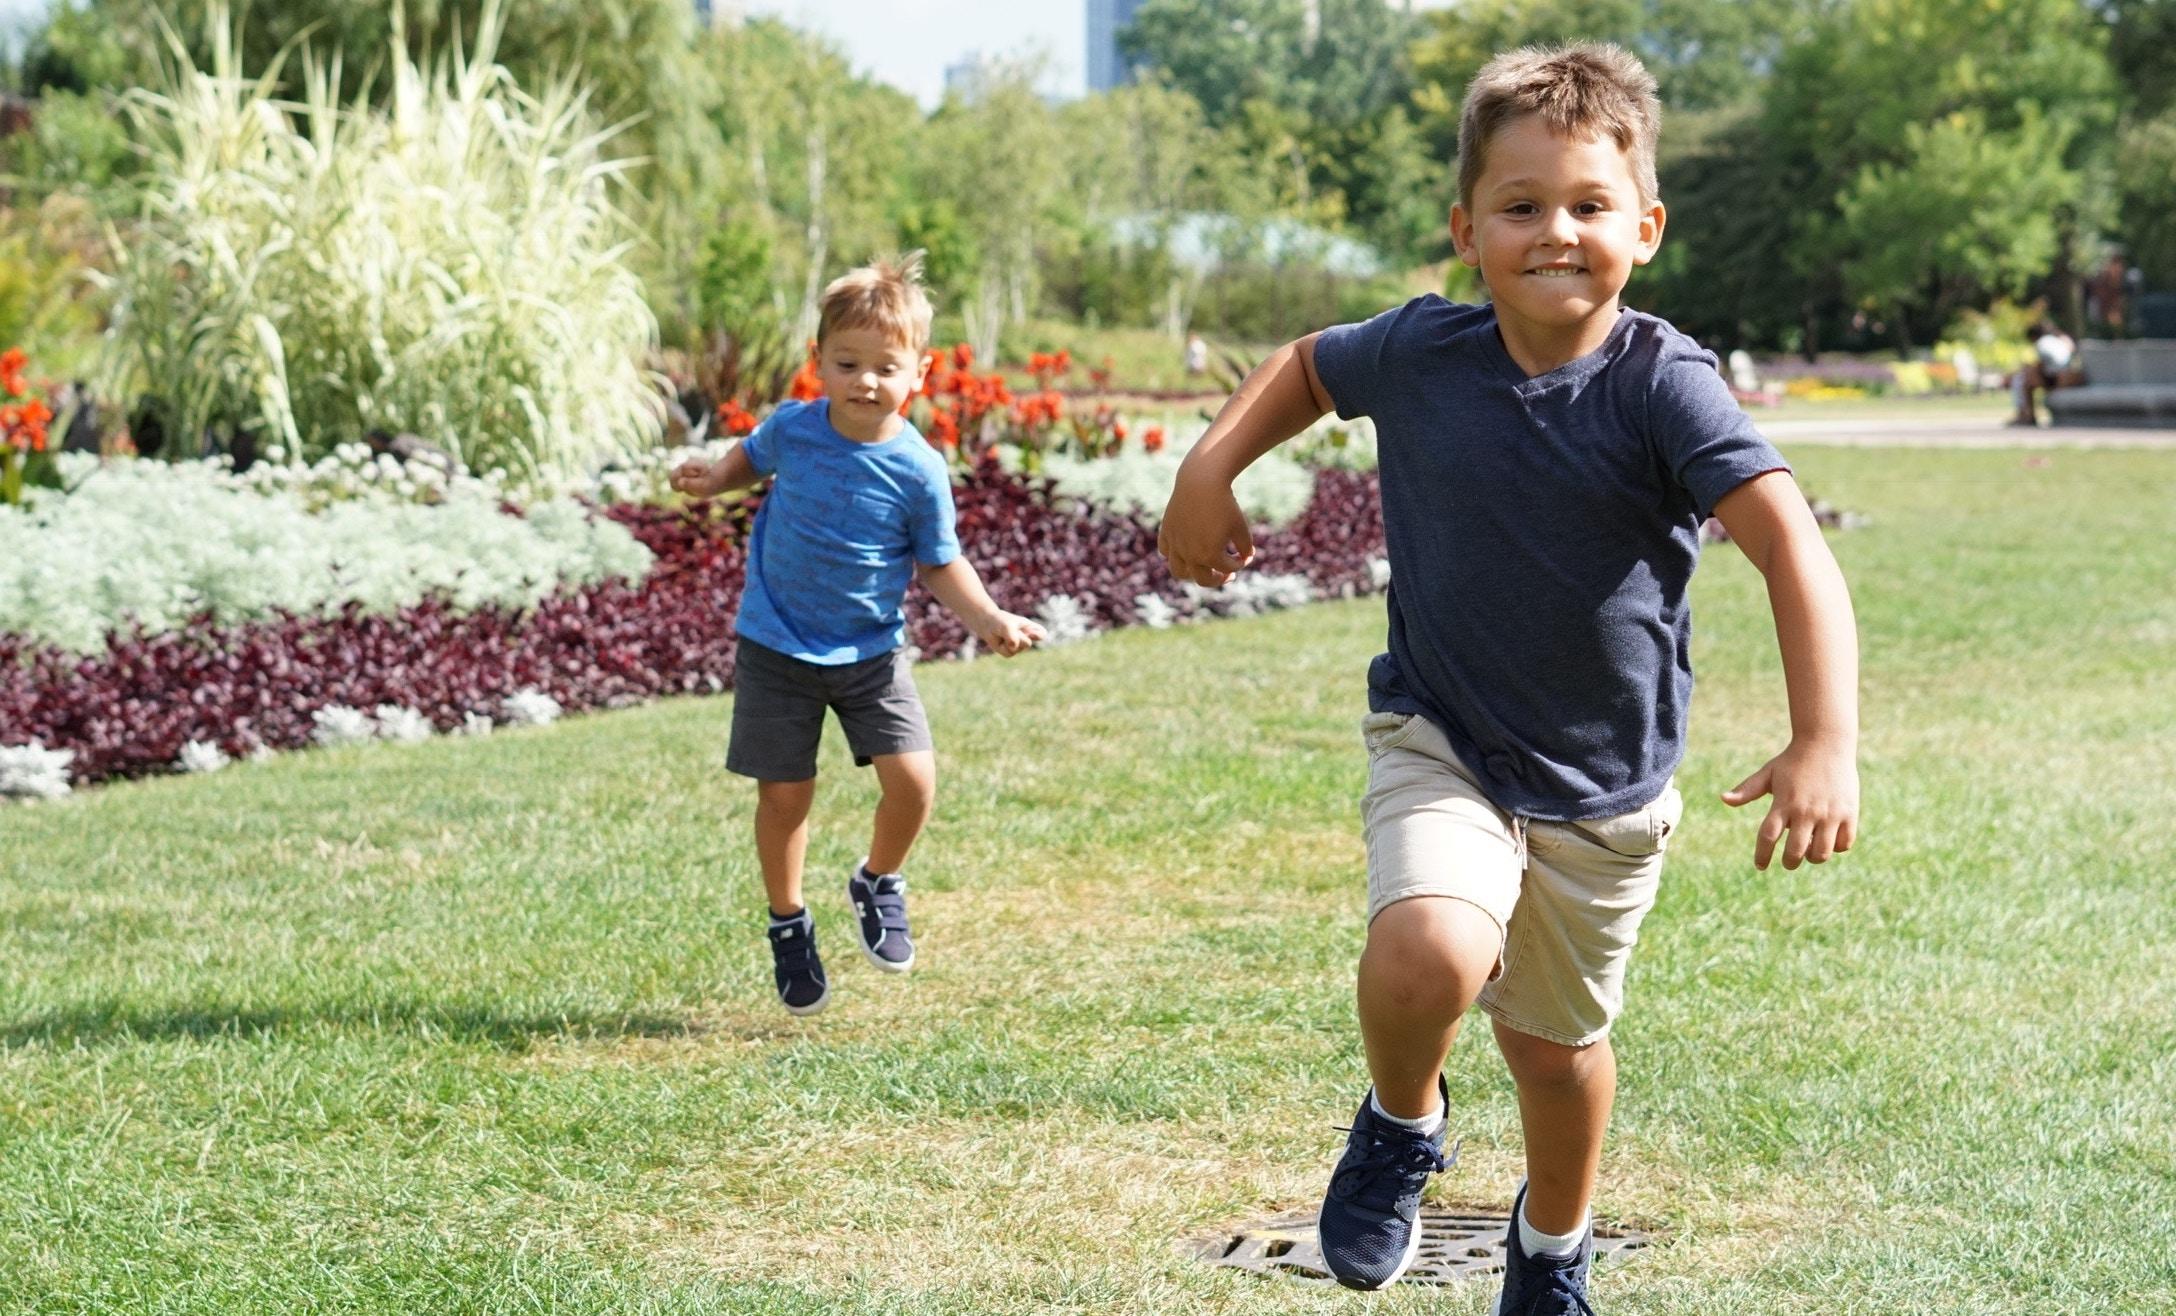 Unisus-International-School-Outdoor-Afterschool.jpg